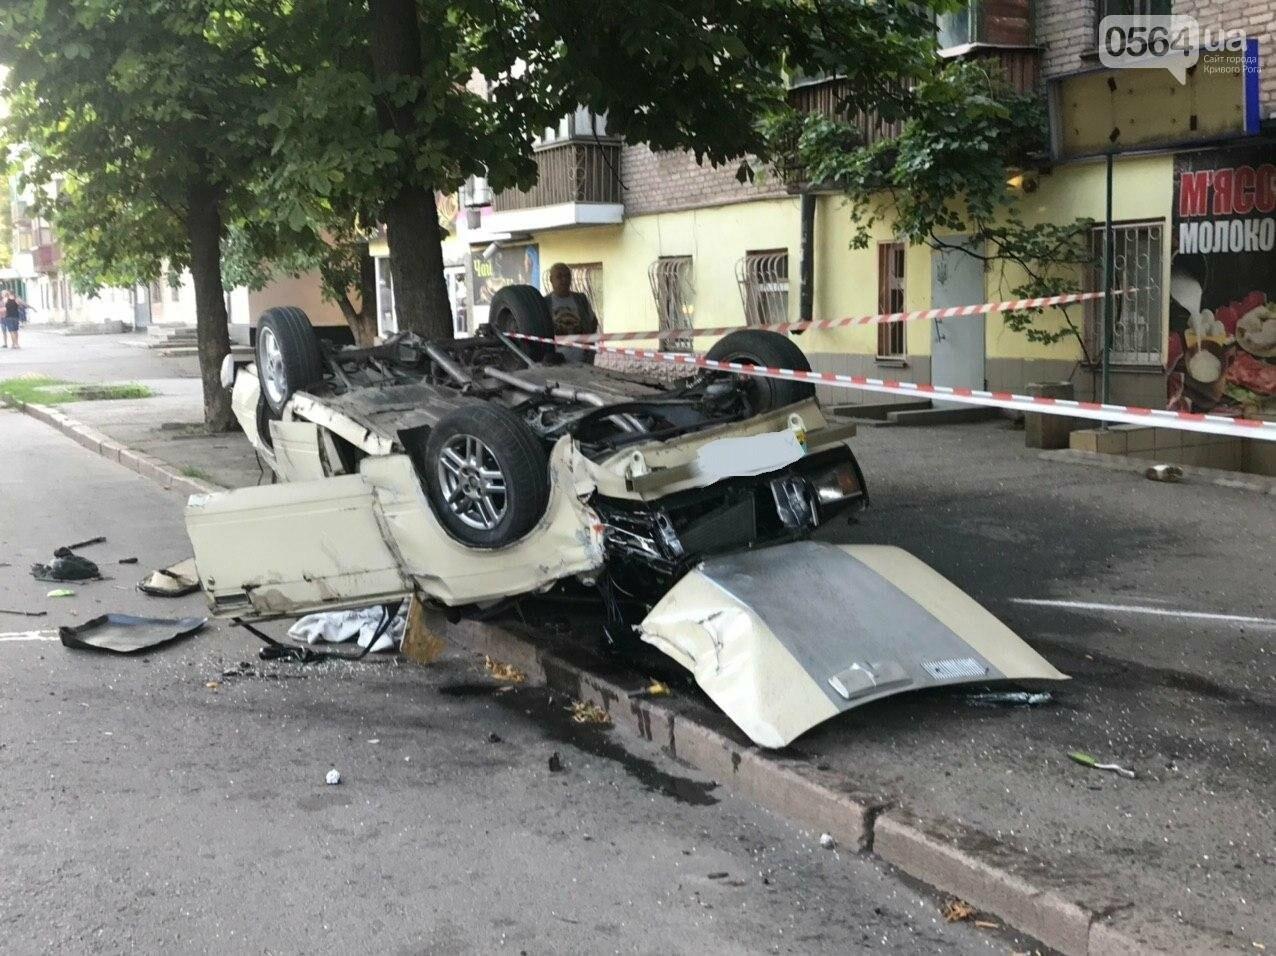 """В Кривом Роге автомобиль с пассажирами """"влетел"""" в здание и перевернулся на крышу. Водитель сбежал с места ДТП, - ФОТО, фото-3"""